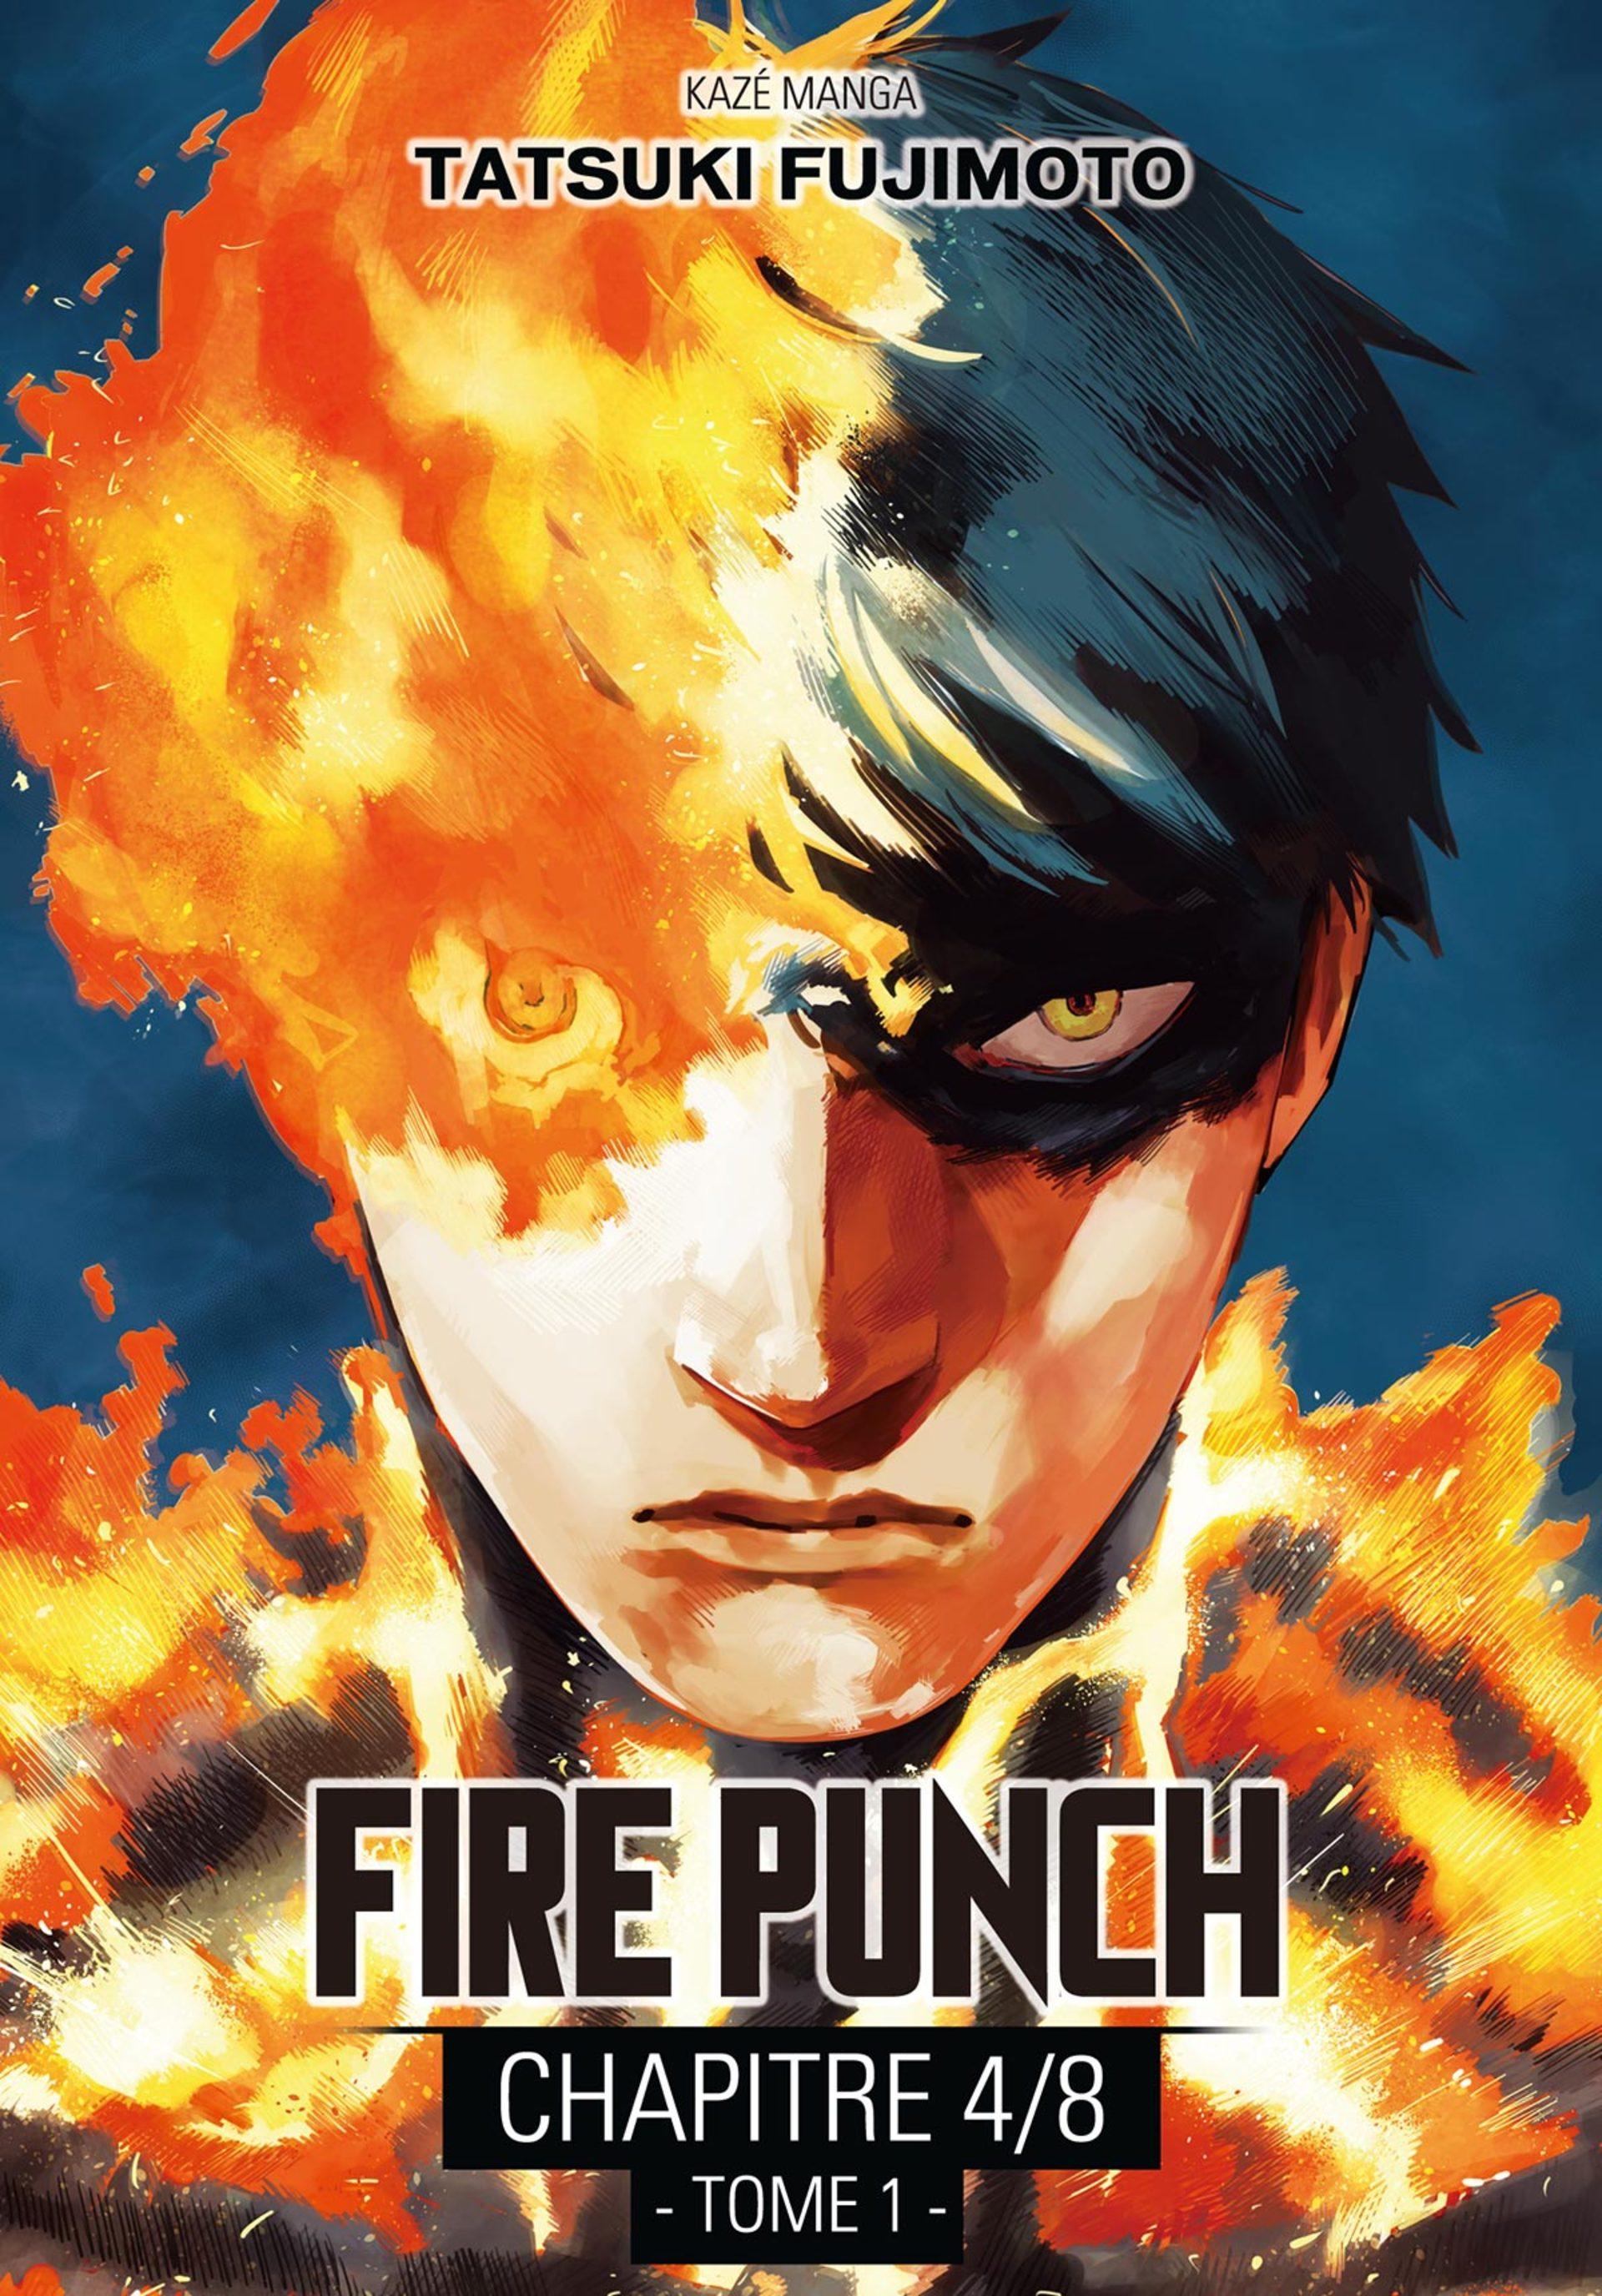 Fire Punch - Chapitre 4